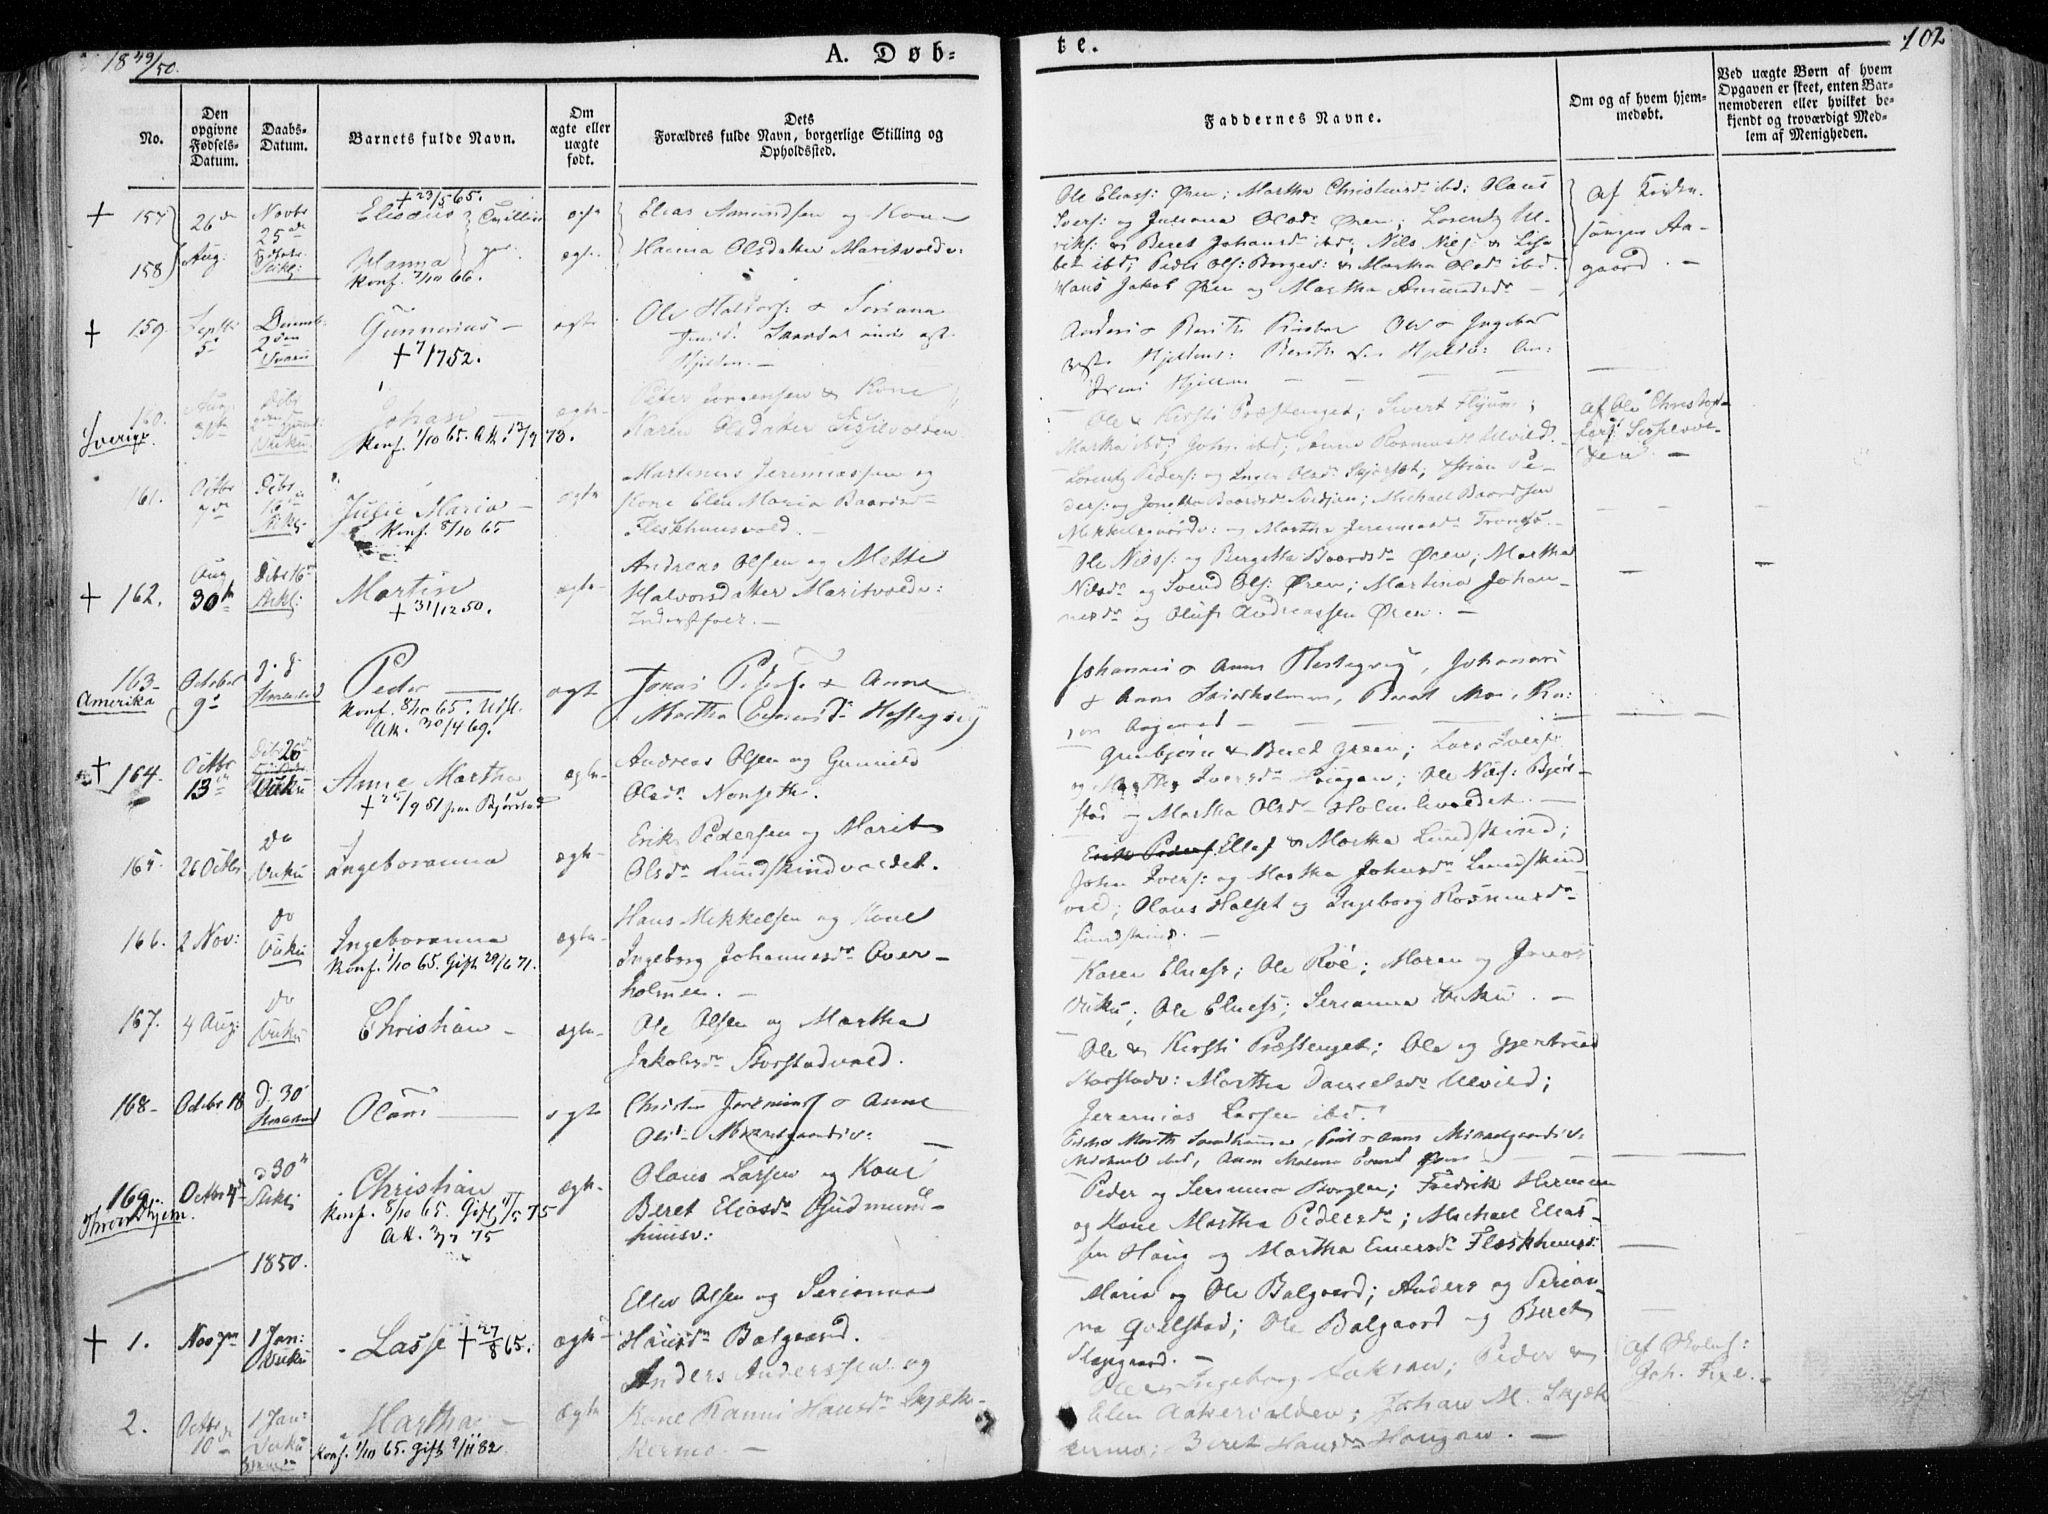 SAT, Ministerialprotokoller, klokkerbøker og fødselsregistre - Nord-Trøndelag, 723/L0239: Ministerialbok nr. 723A08, 1841-1851, s. 102